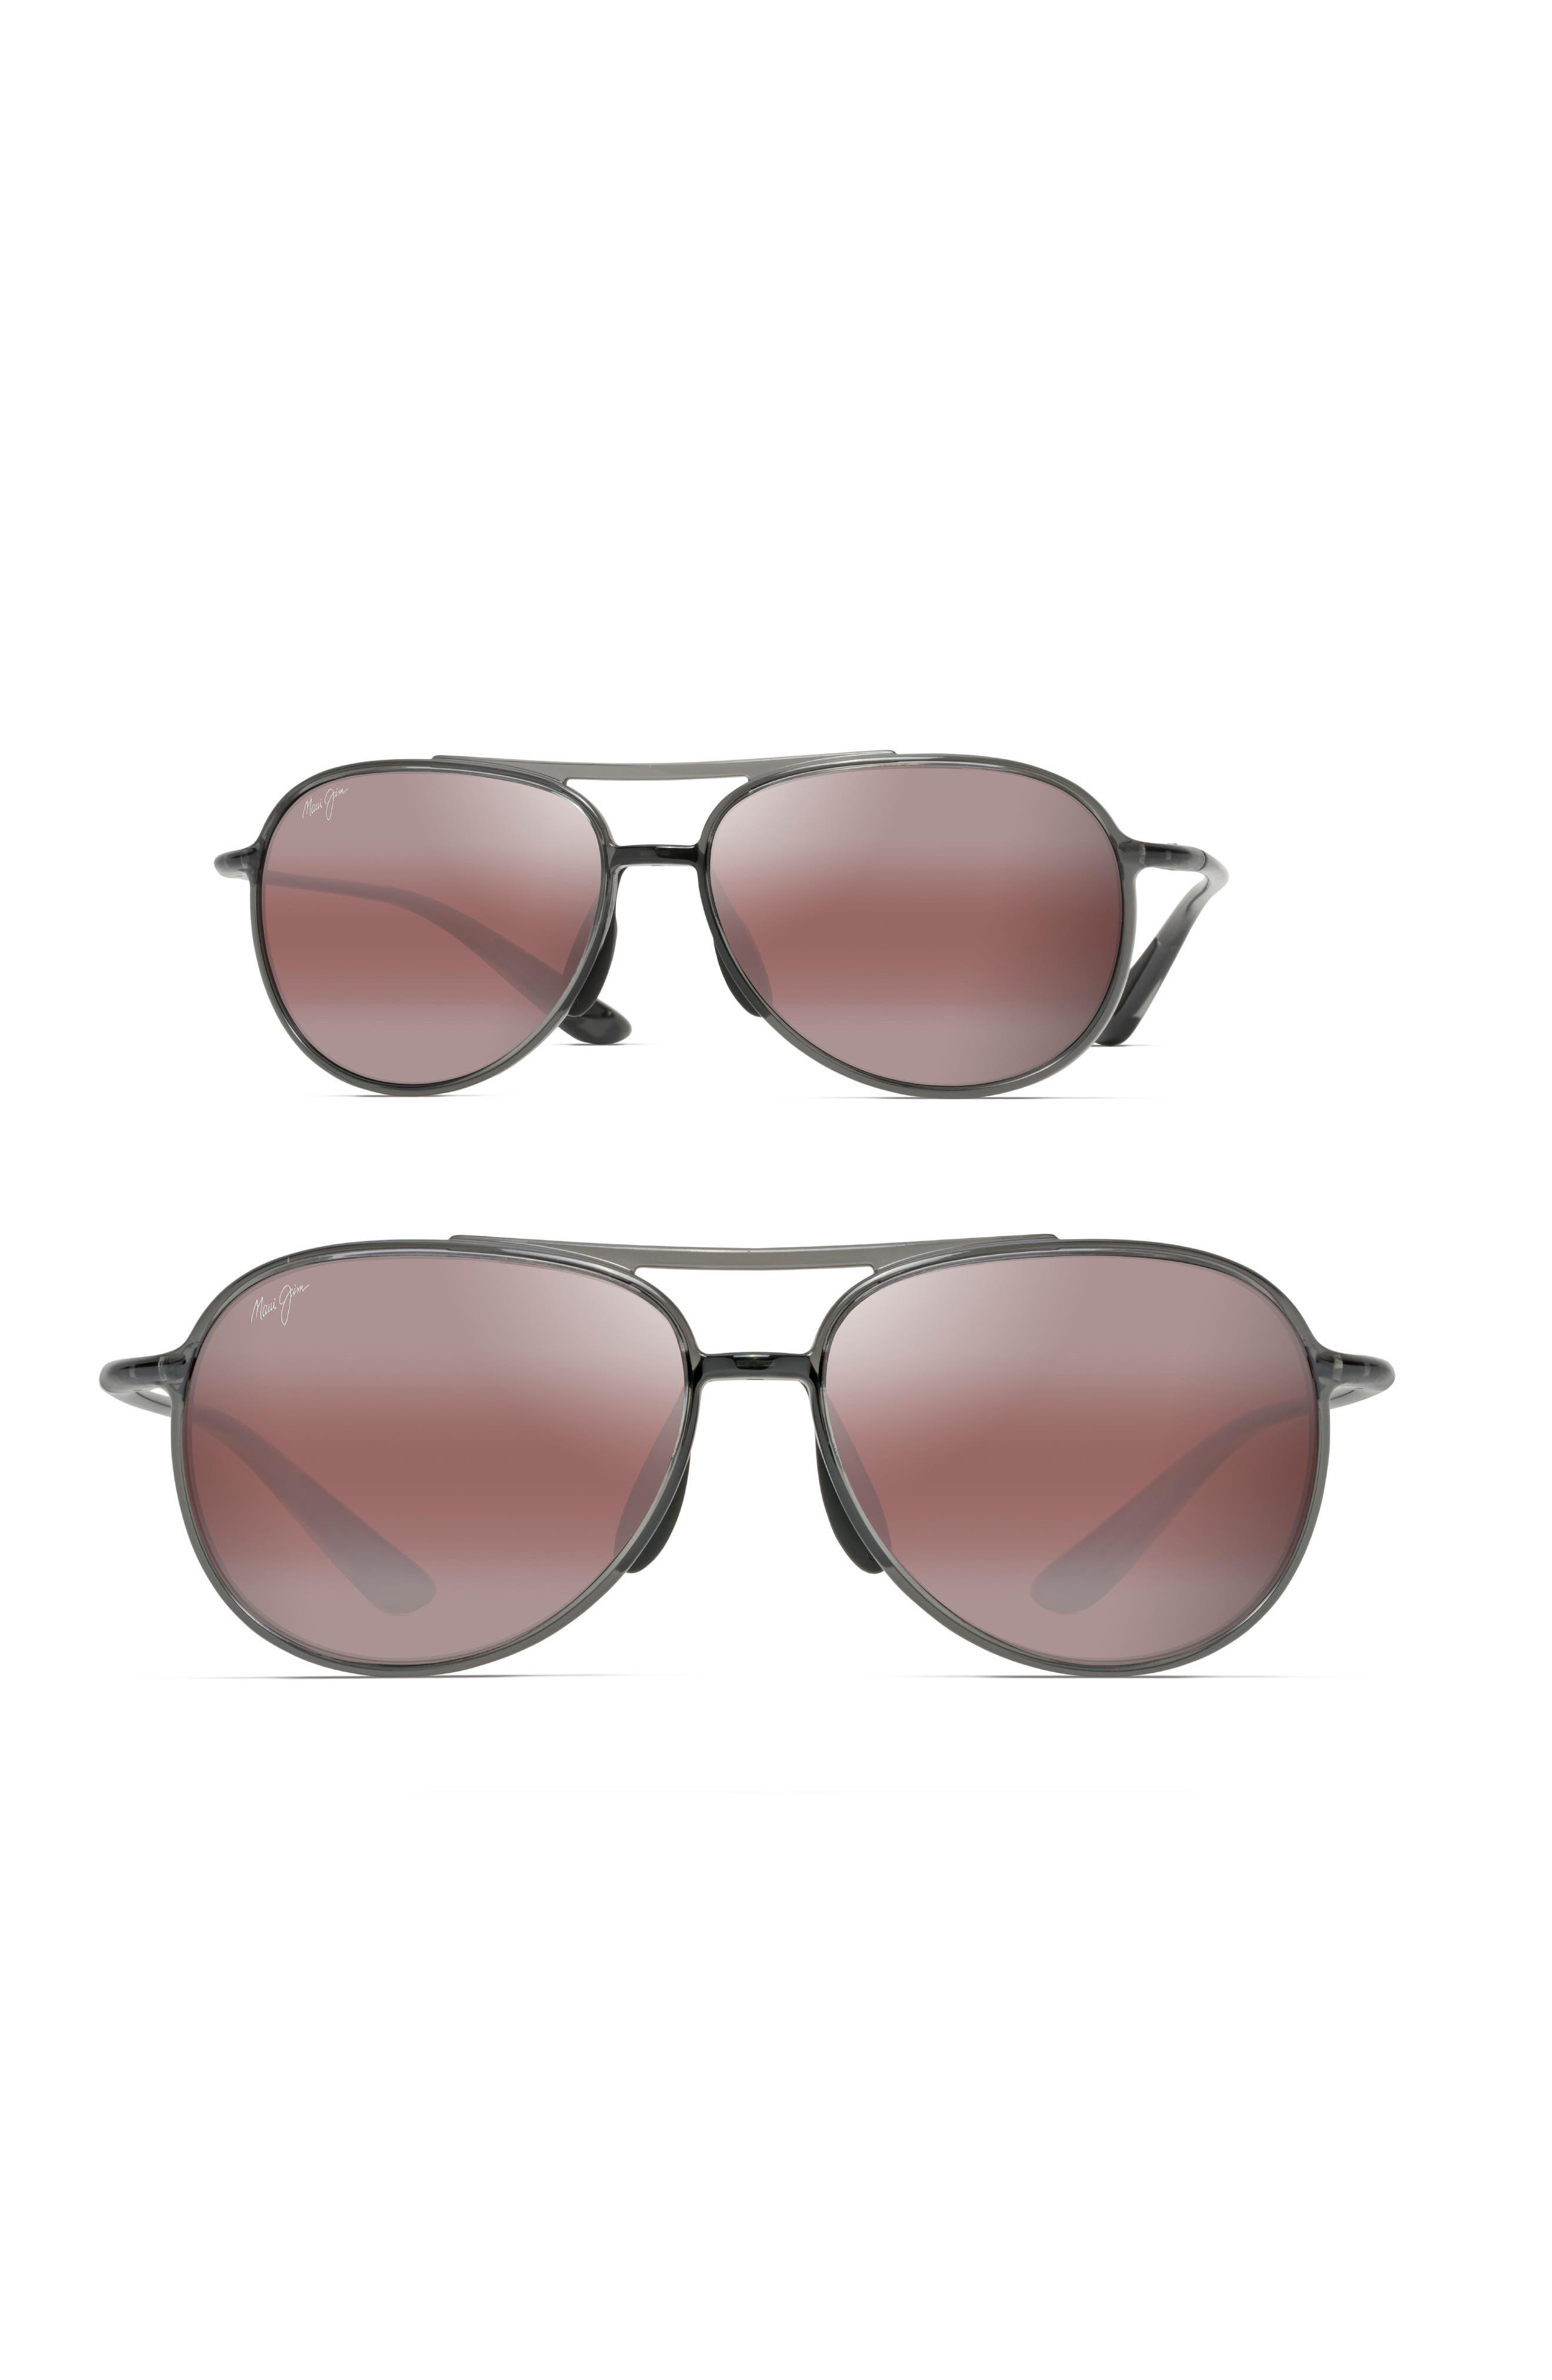 Alelele 60mm Aviator Sunglasses, Main, color, TRANSPARENT SMOKE GREY/ BRONZE